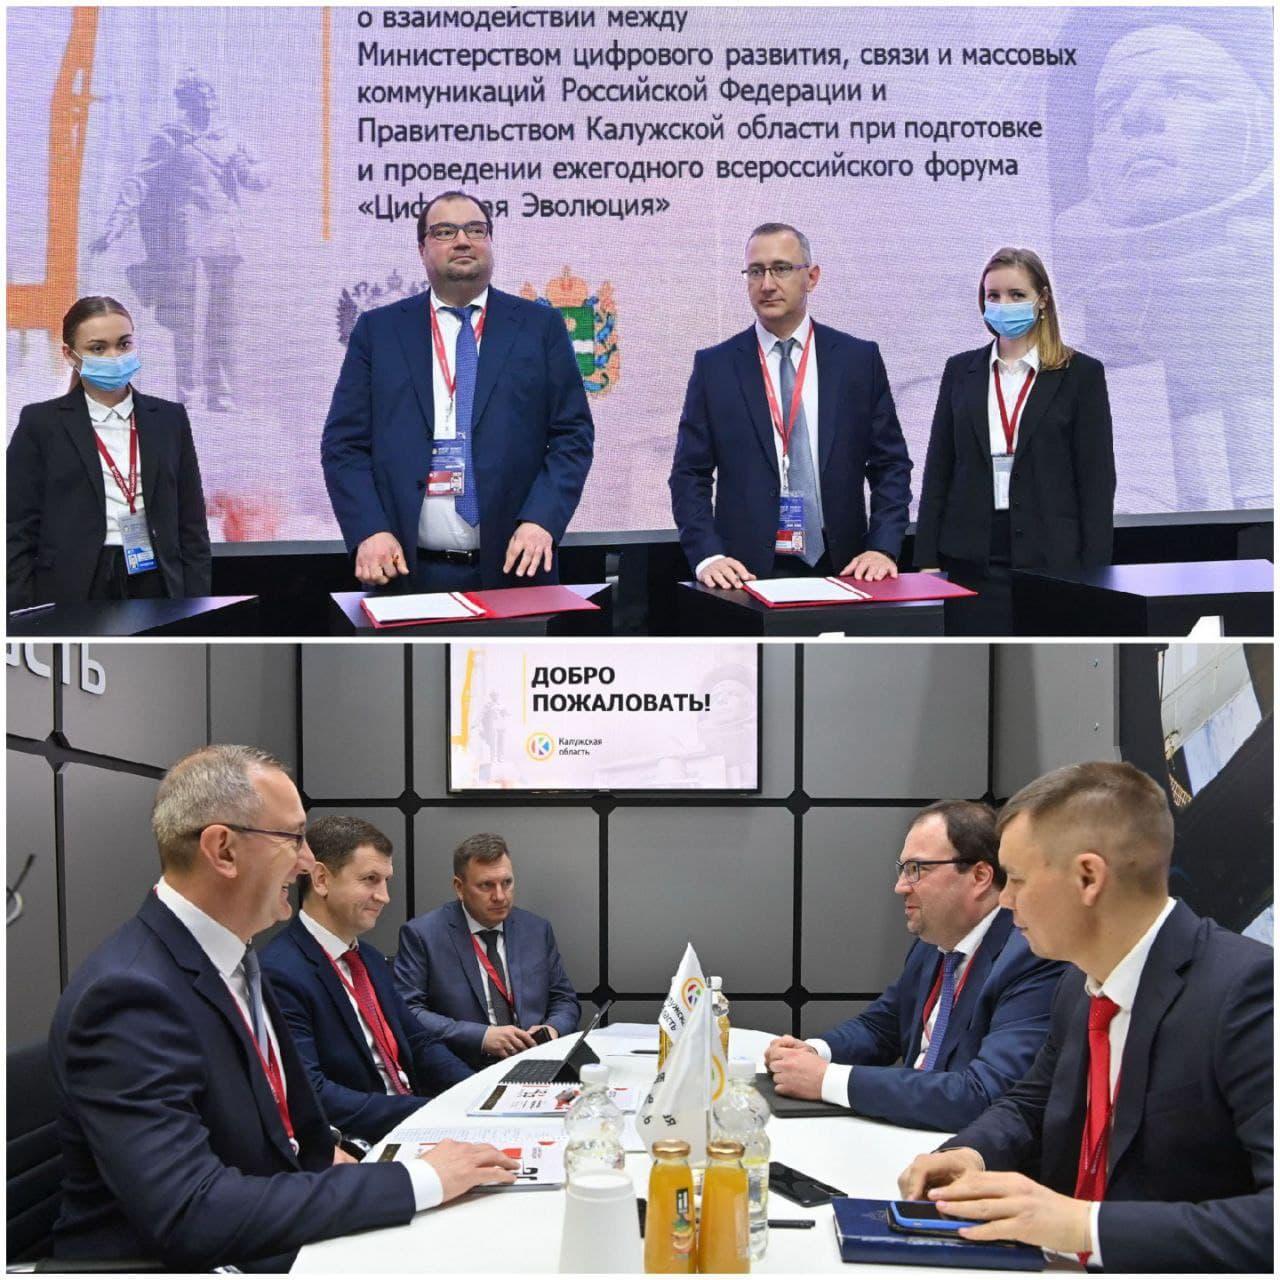 В Калужской области пройдет расширенный Всероссийский форум «Цифровая эволюция»